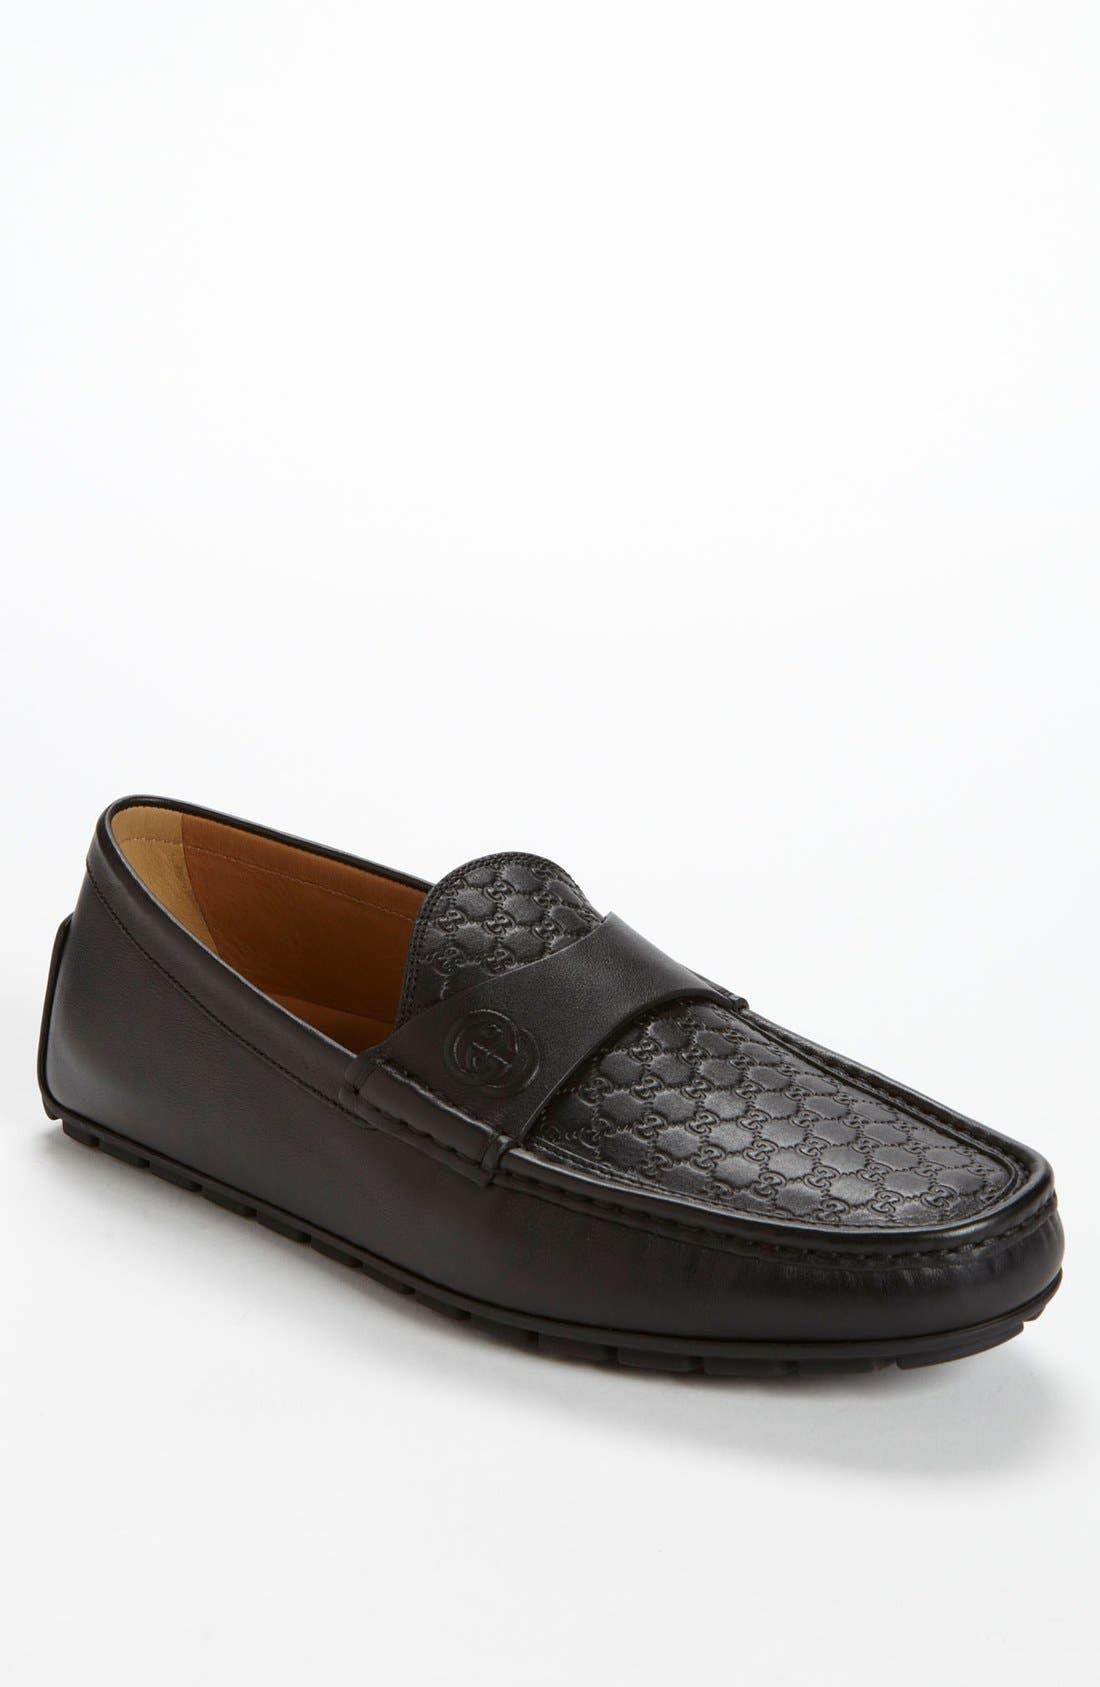 Main Image - Gucci 'Blair' Driving Shoe